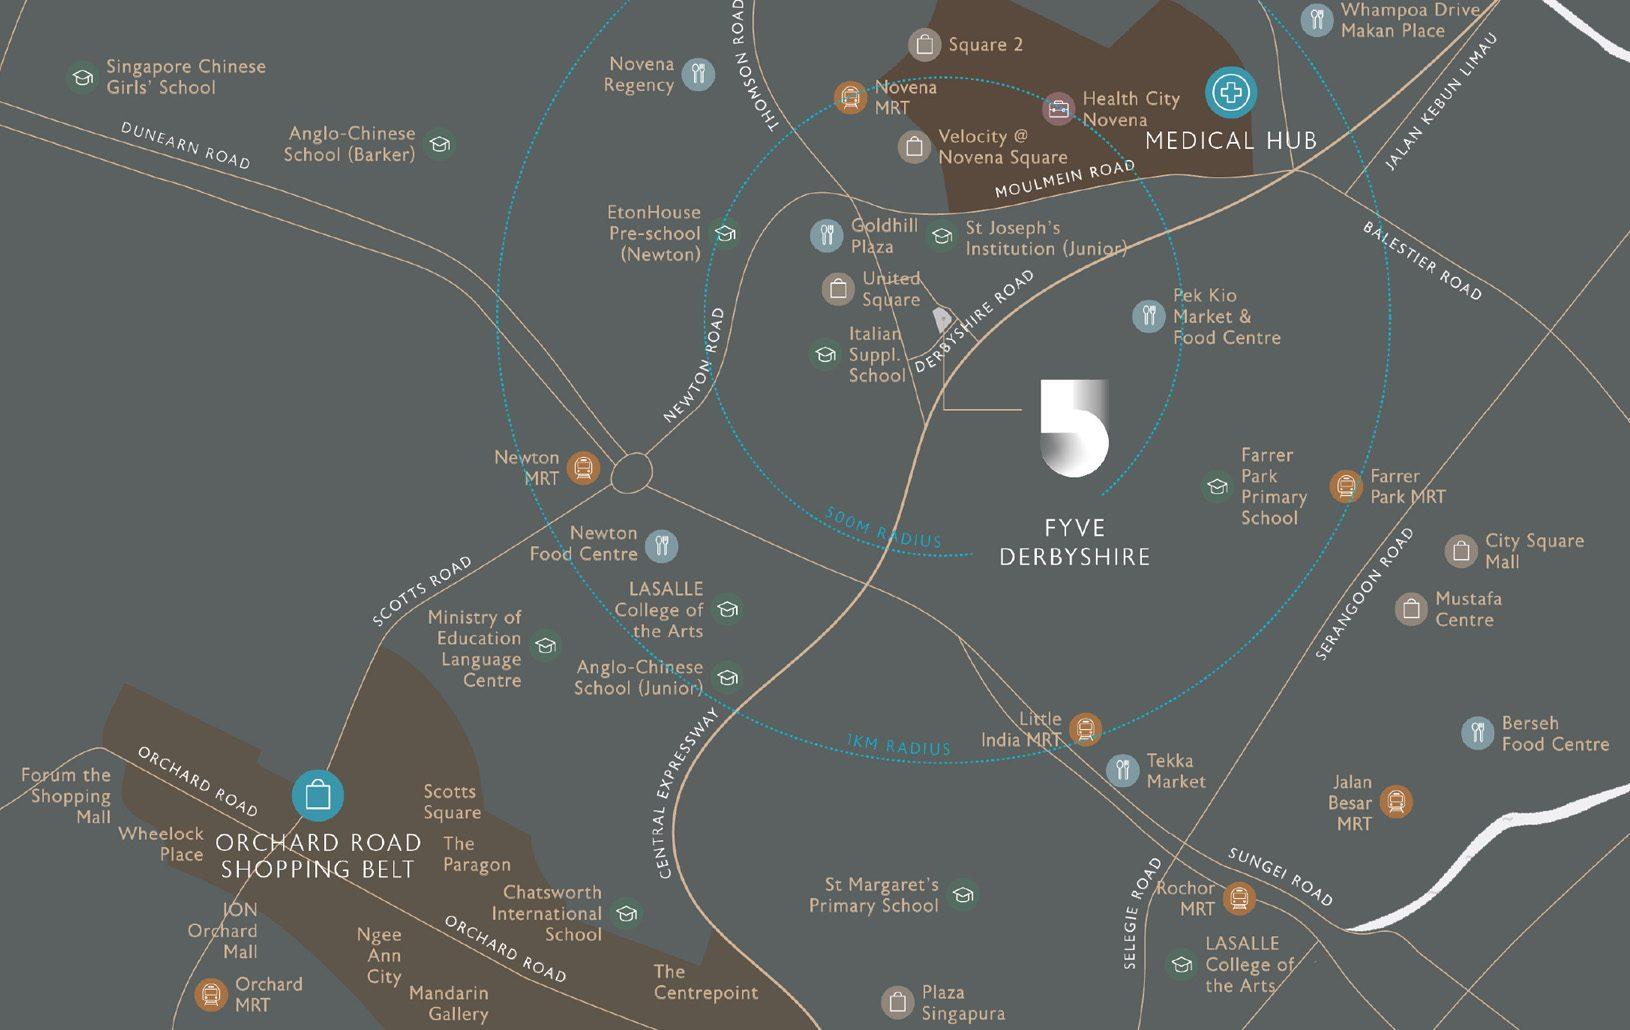 Fyve Derbyshire Location Map - Singapore